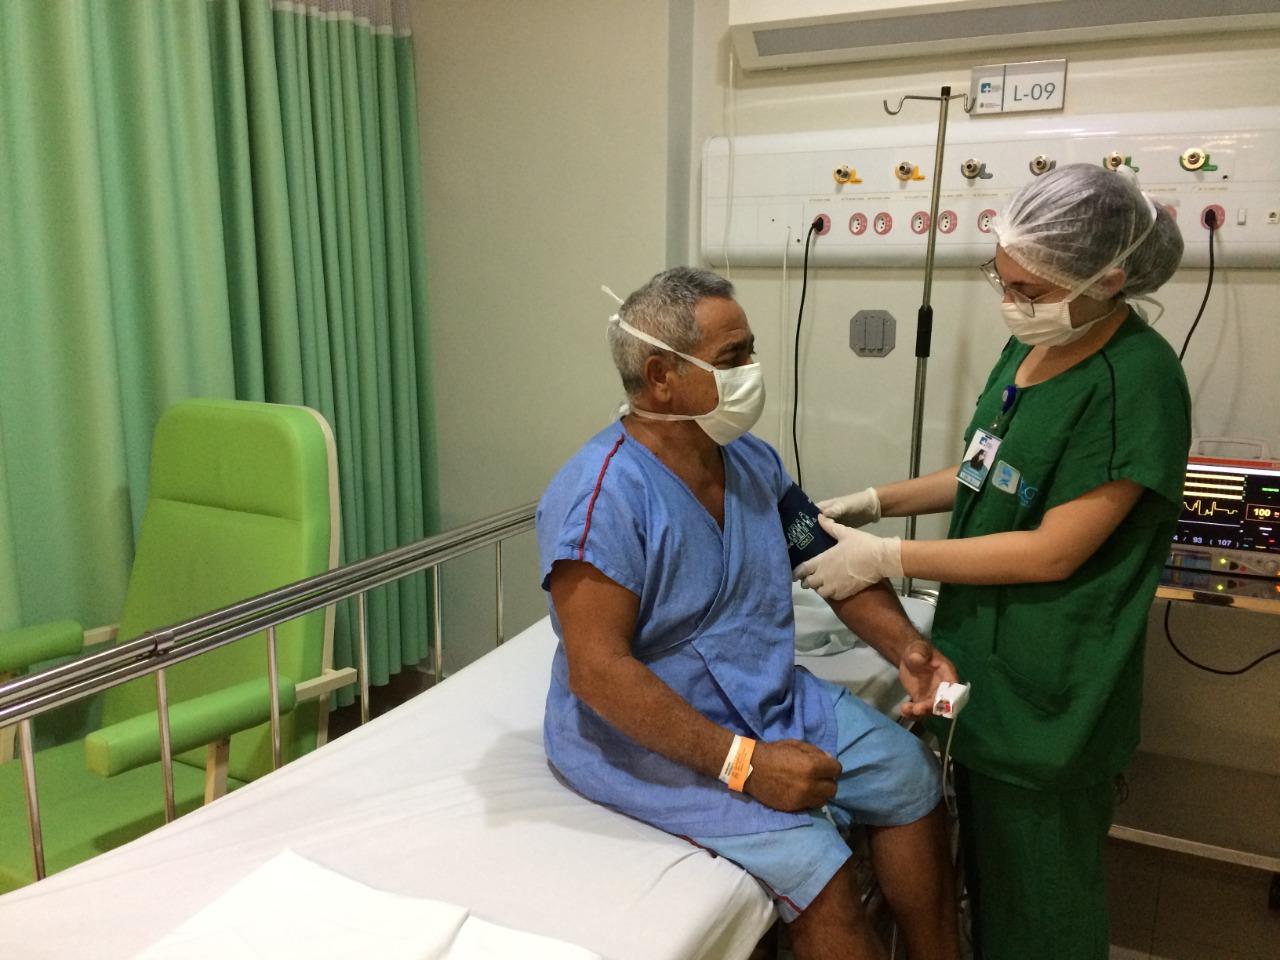 Gerido pelo ISGH, Hospital Regional do Sertão Central é reconhecido internacionalmente por qualidade dos serviços prestados